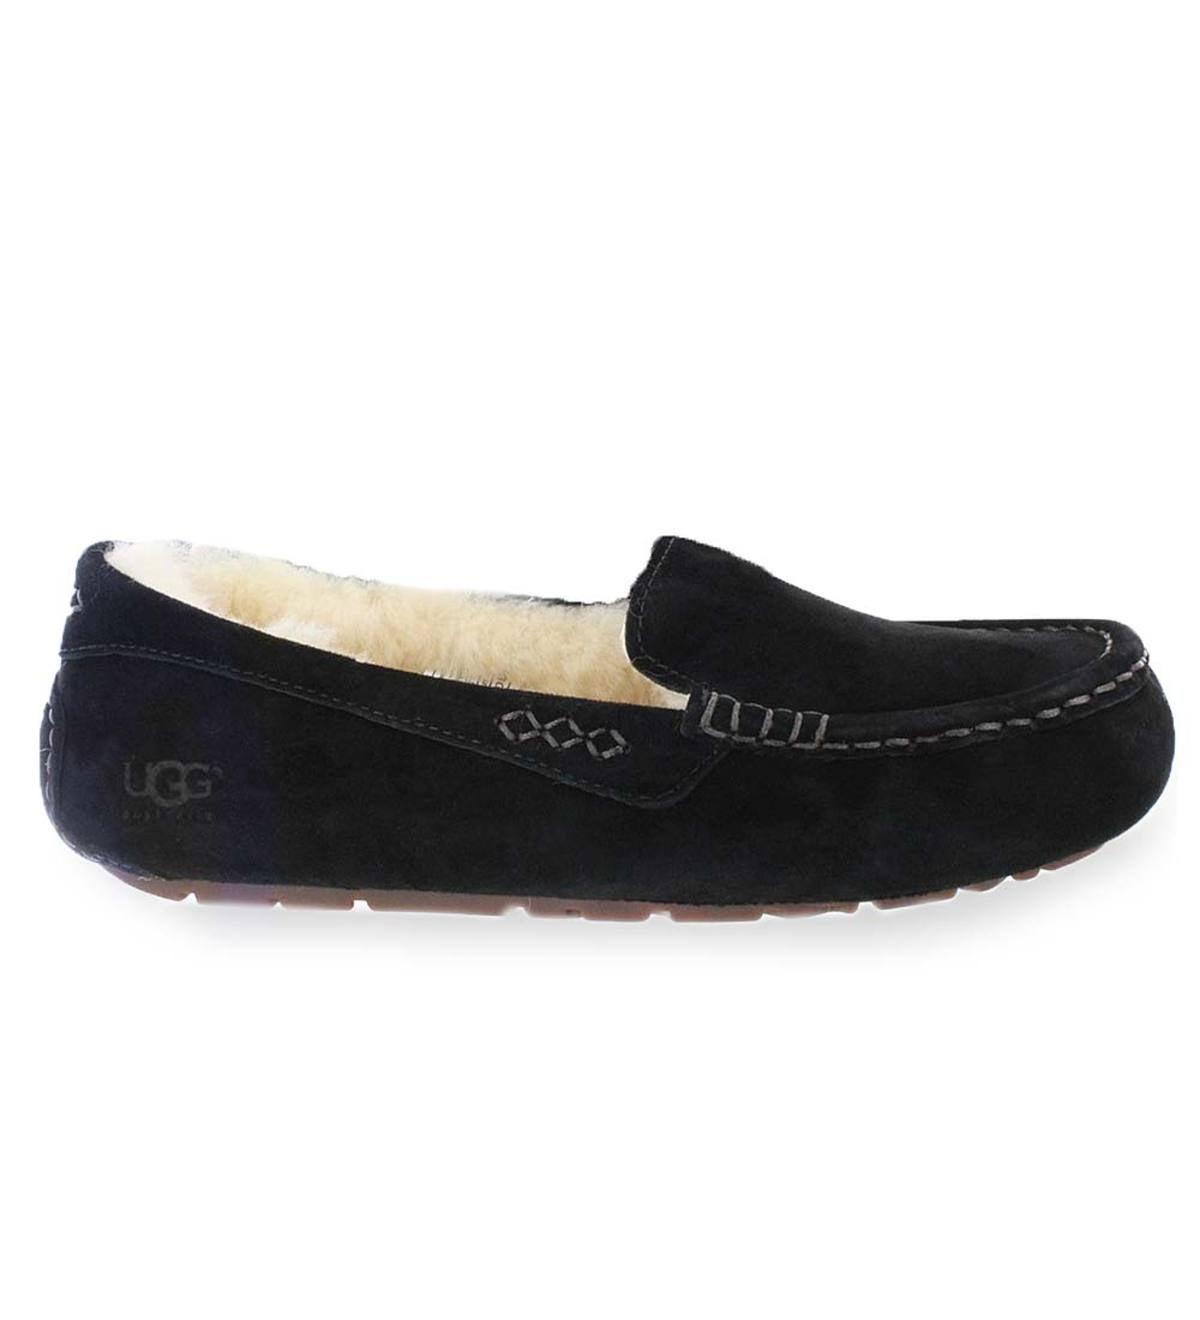 e15c09010 UGG Australia Ansley Moc Slippers - Black - Size 5